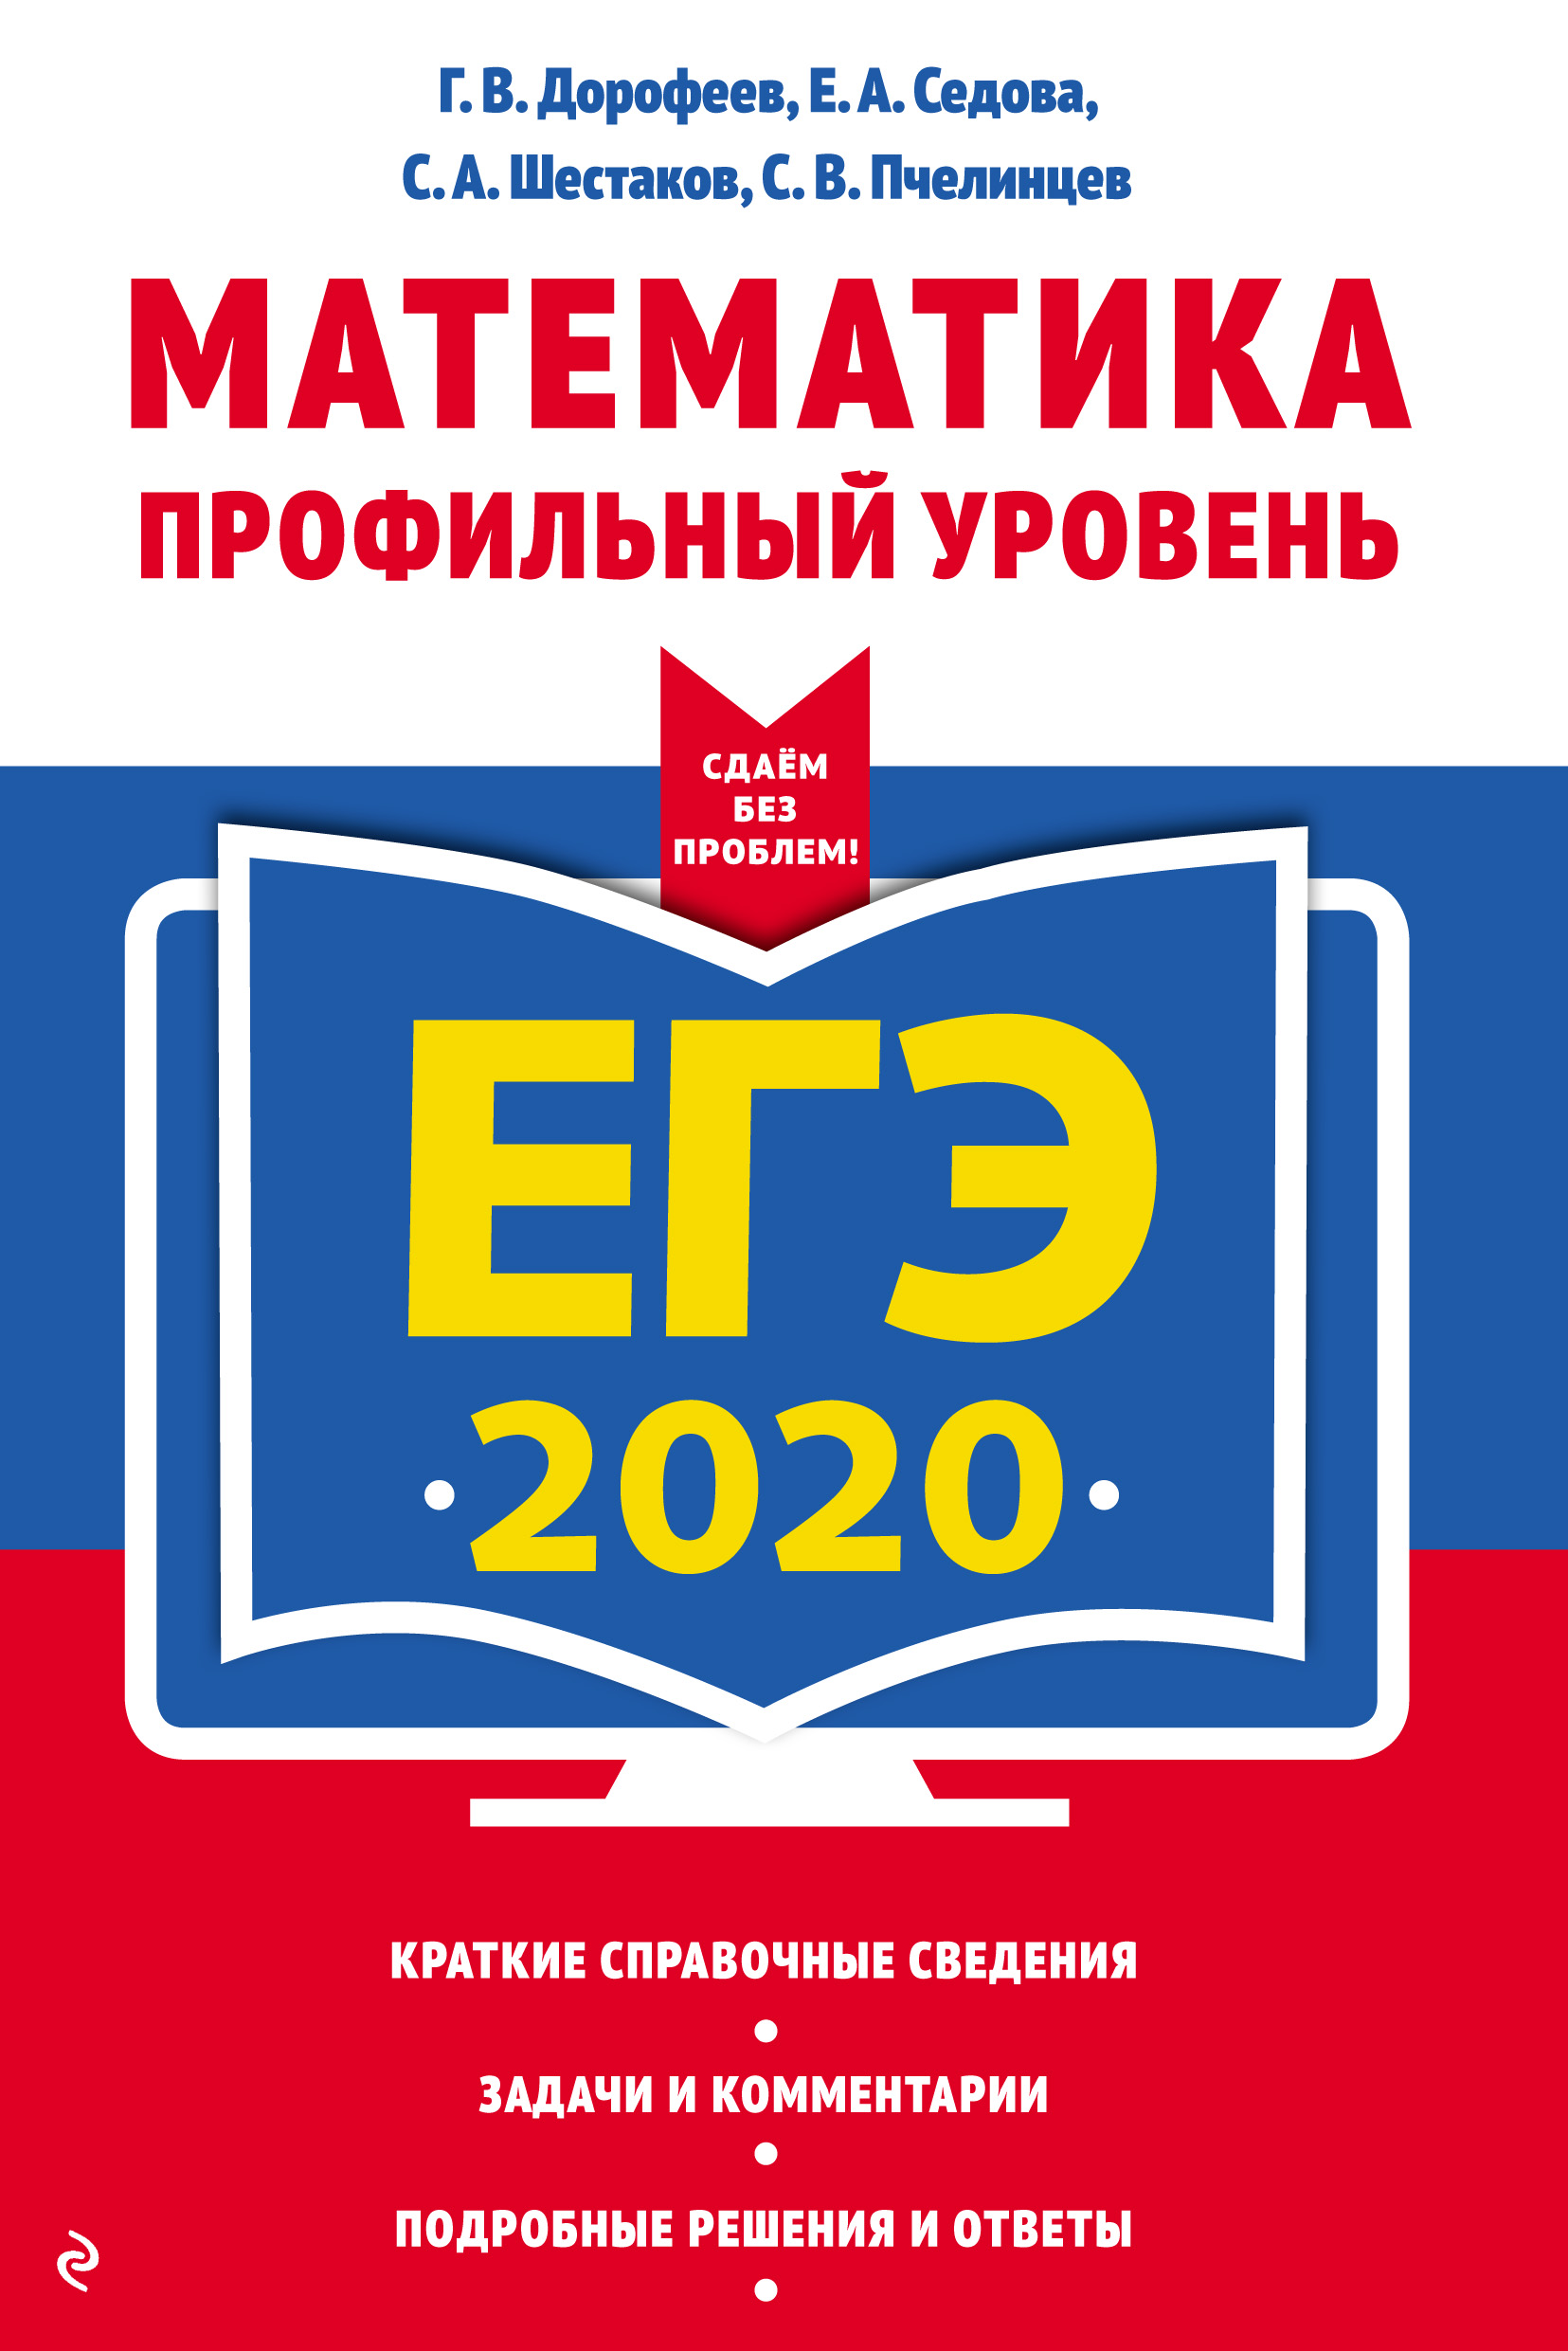 Е. А. Седова ЕГЭ-2020. Математика. Профильный уровень гордин р егэ 2020 математика геометрия планиметрия задача 16 профильный уровень